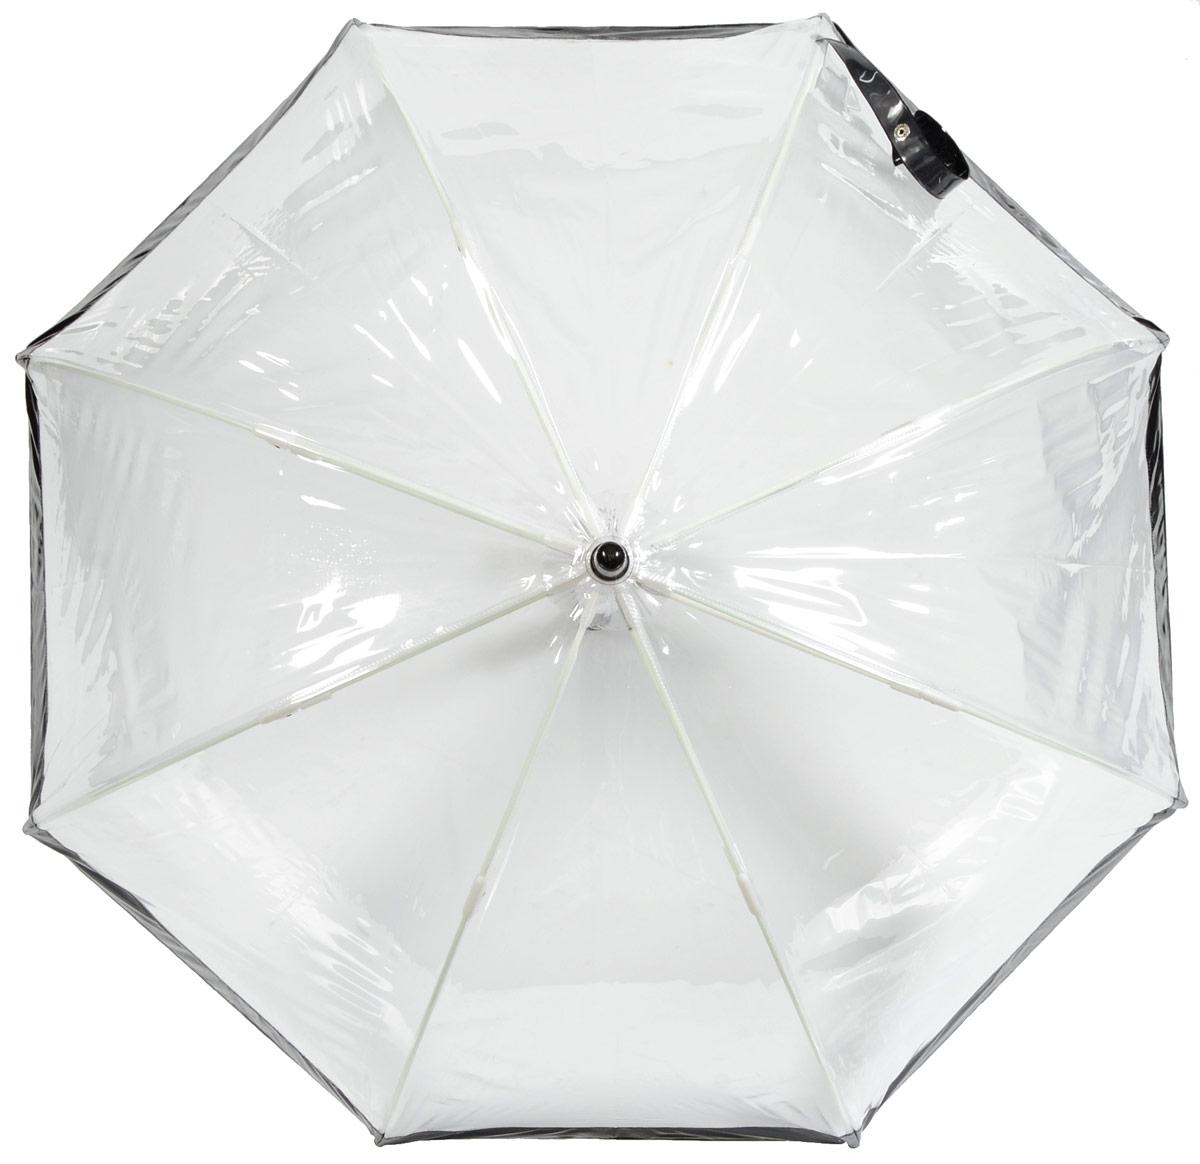 Зонт детский Fulton, расцветка: черный. C603-01 BlackC603-01 BlackСимпатичный прозрачный зонтик в форме купола с цветной полоской обязательно понравится Вашему ребенку! Специальная безопасная и надежная технология открывания и закрывания. Модная форма купола. Зонт отлично защищает от дождя, и при этом он абсолютно прозрачен. Прочный ветроустойчивый каркас из фибергласса. Длина в сложенном виде 68,5 см, диаметр купола 65 см